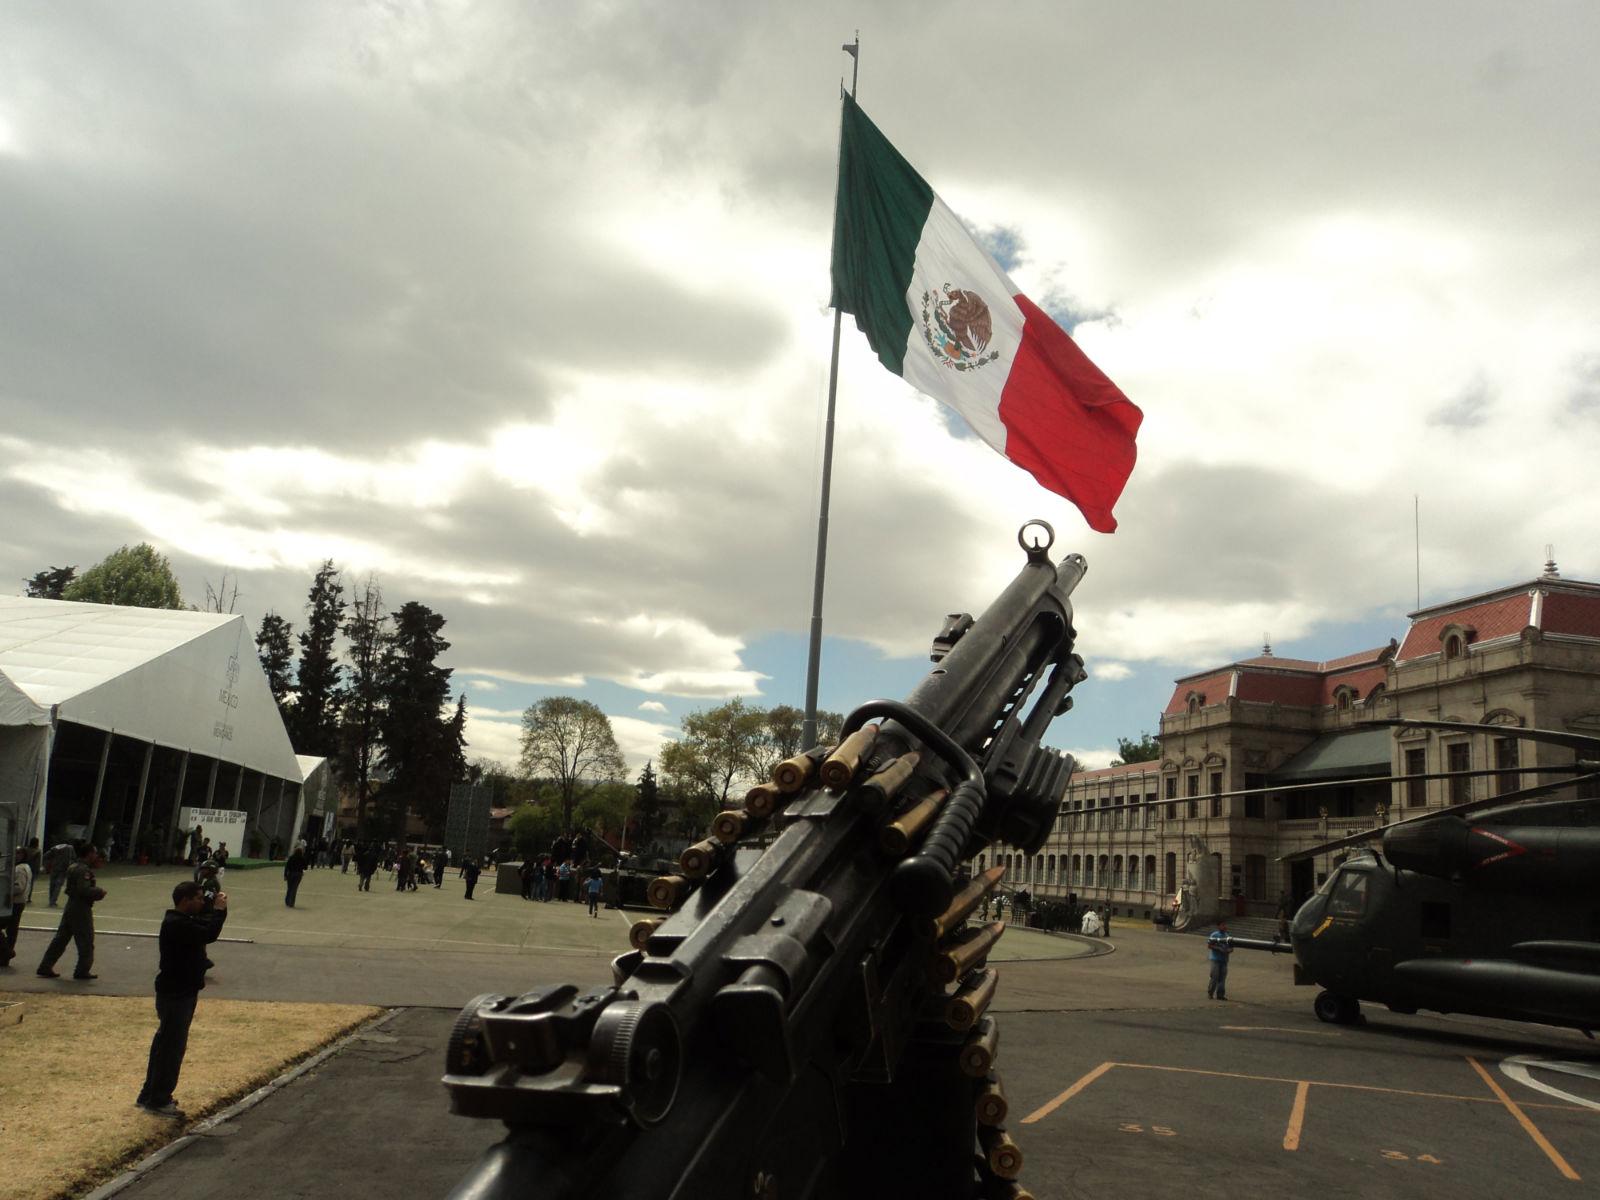 Exhibicion itinerante del Ejercito y Fuerza Aerea; La Gran Fuerza de México PROXIMA SEDE: JALISCO - Página 3 DSC01448